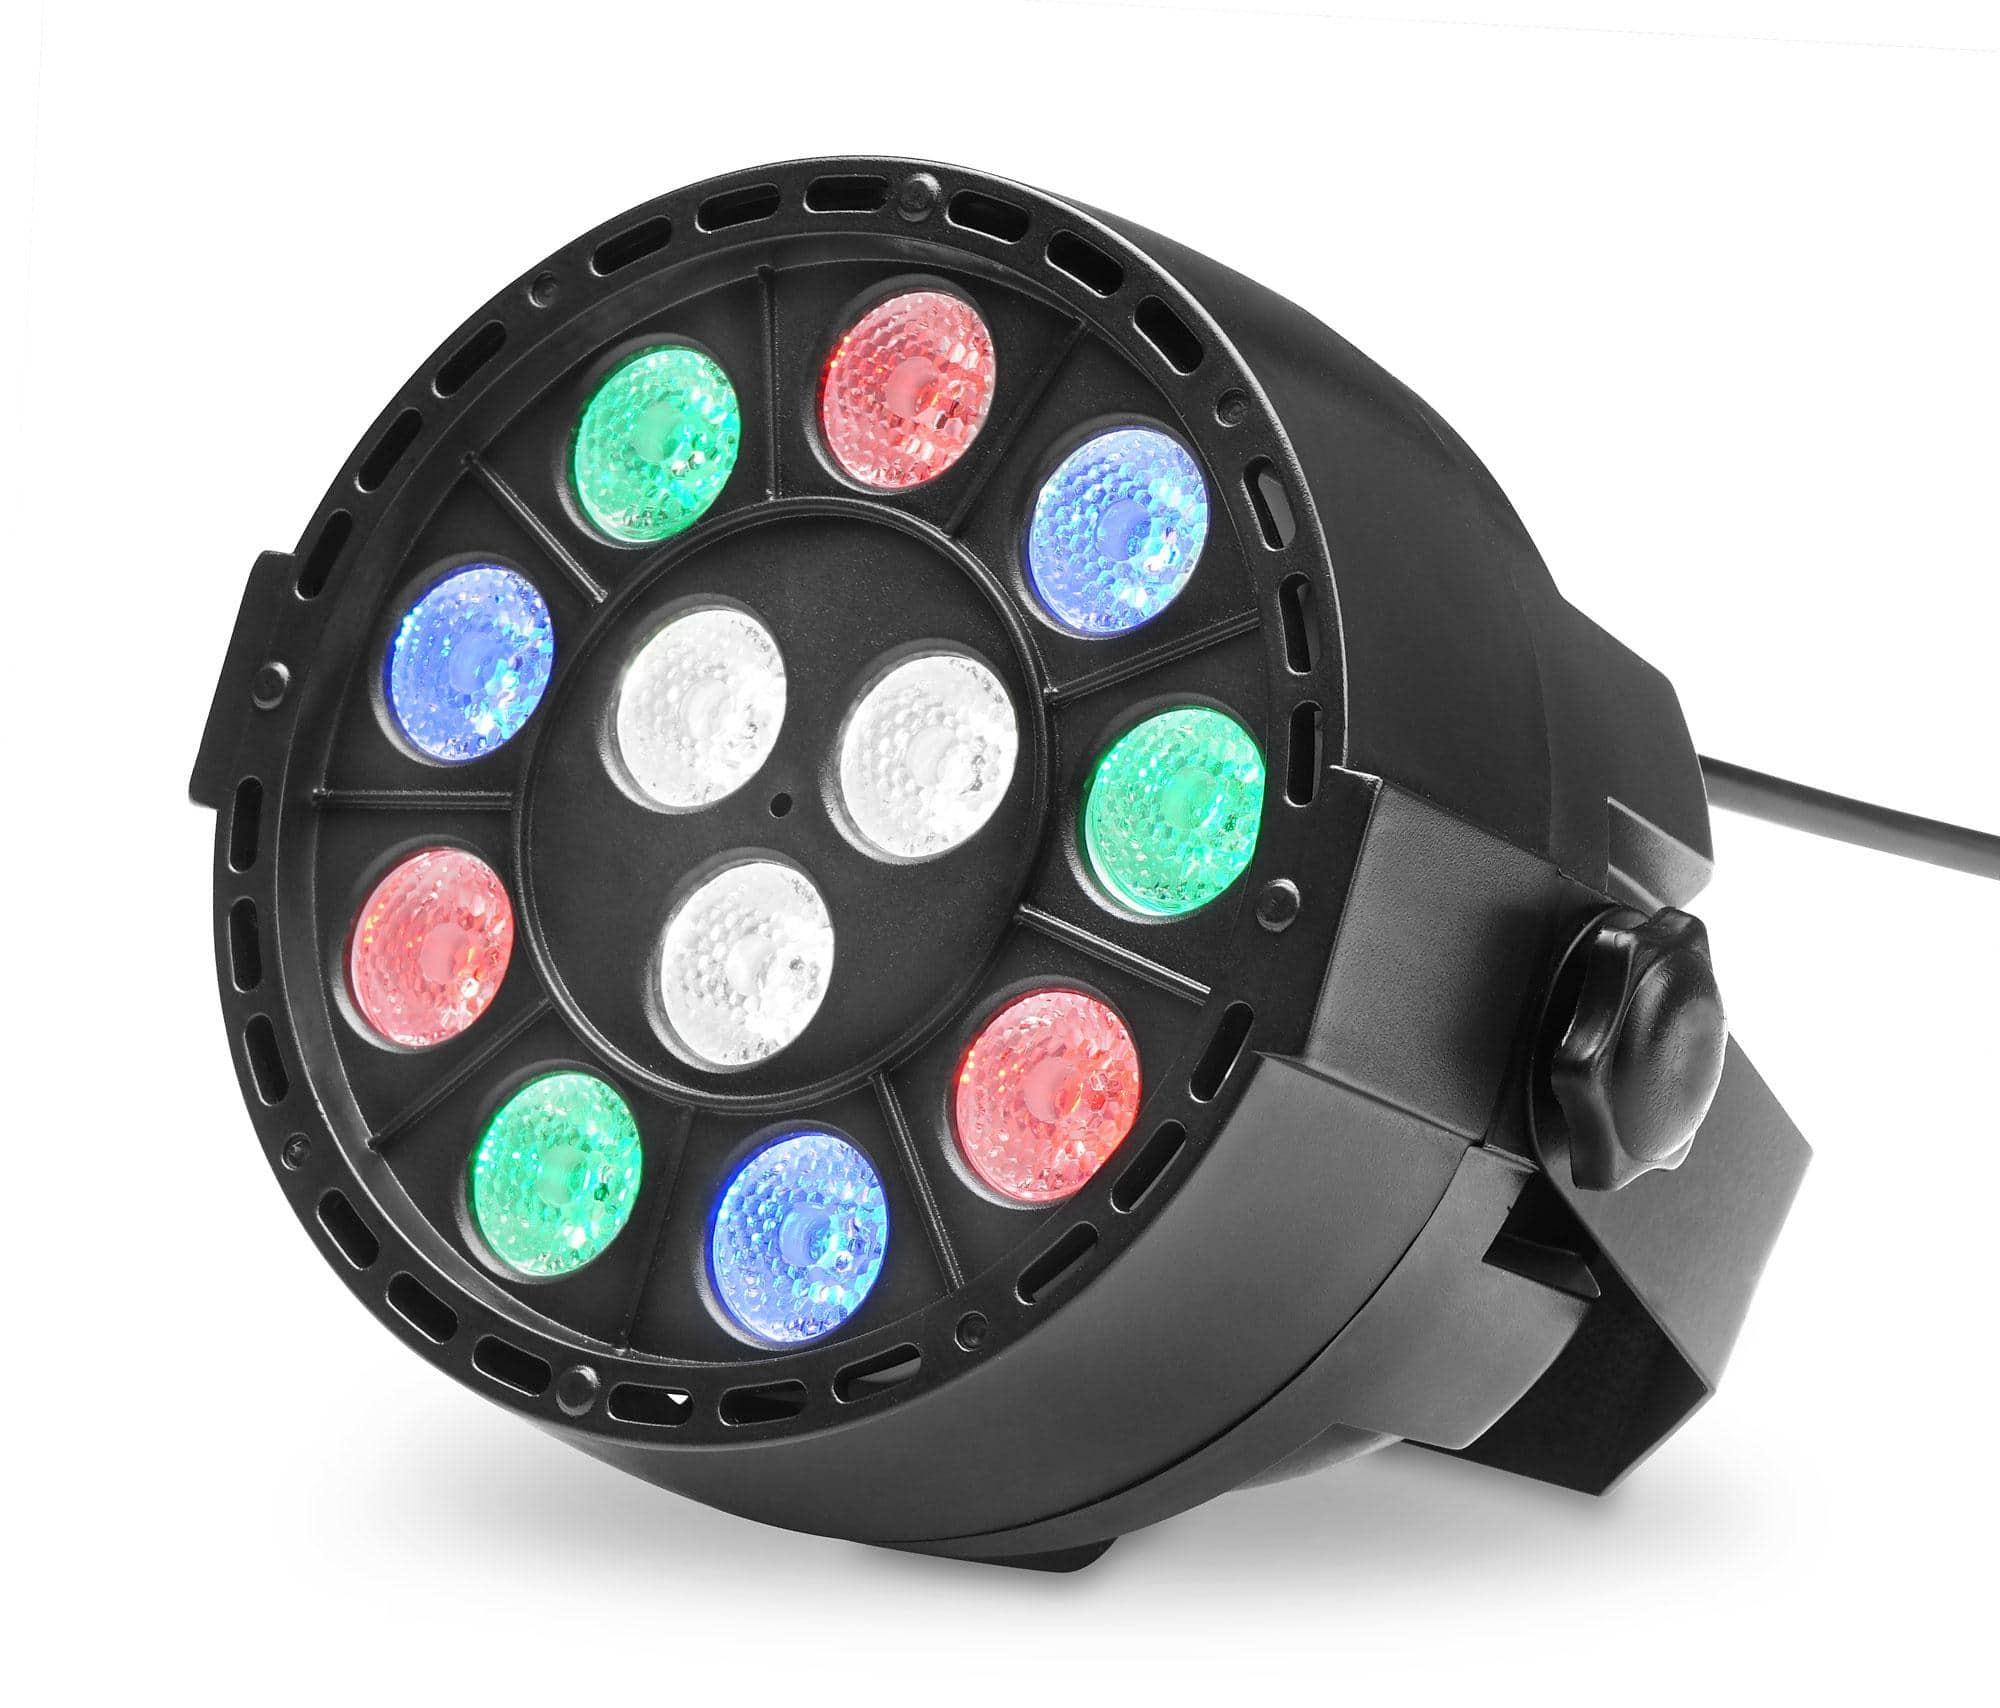 Scheinwerfer - Showlite SPS 121 LED Smart Party Spot 12x 1W RGBW - Onlineshop Musikhaus Kirstein